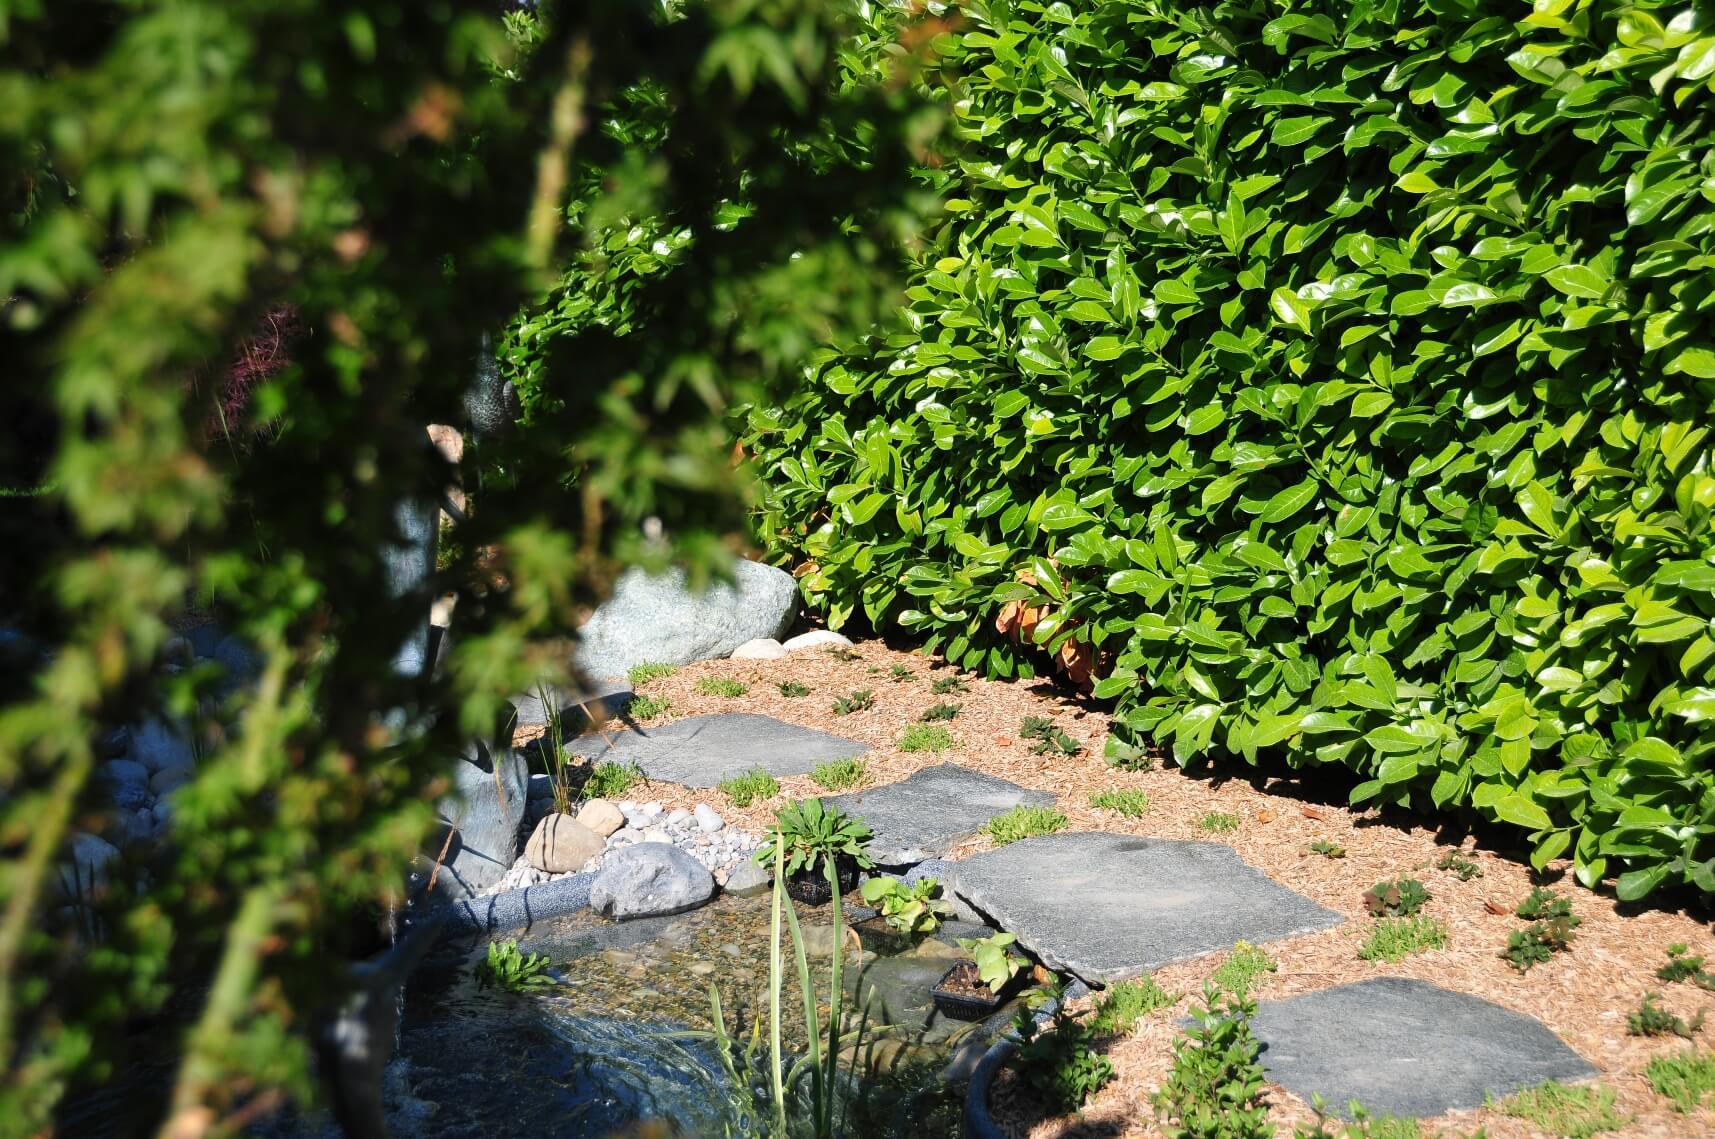 michael ellig étang bassin eau cours riviere paysagiste statues aellig paysages (10)